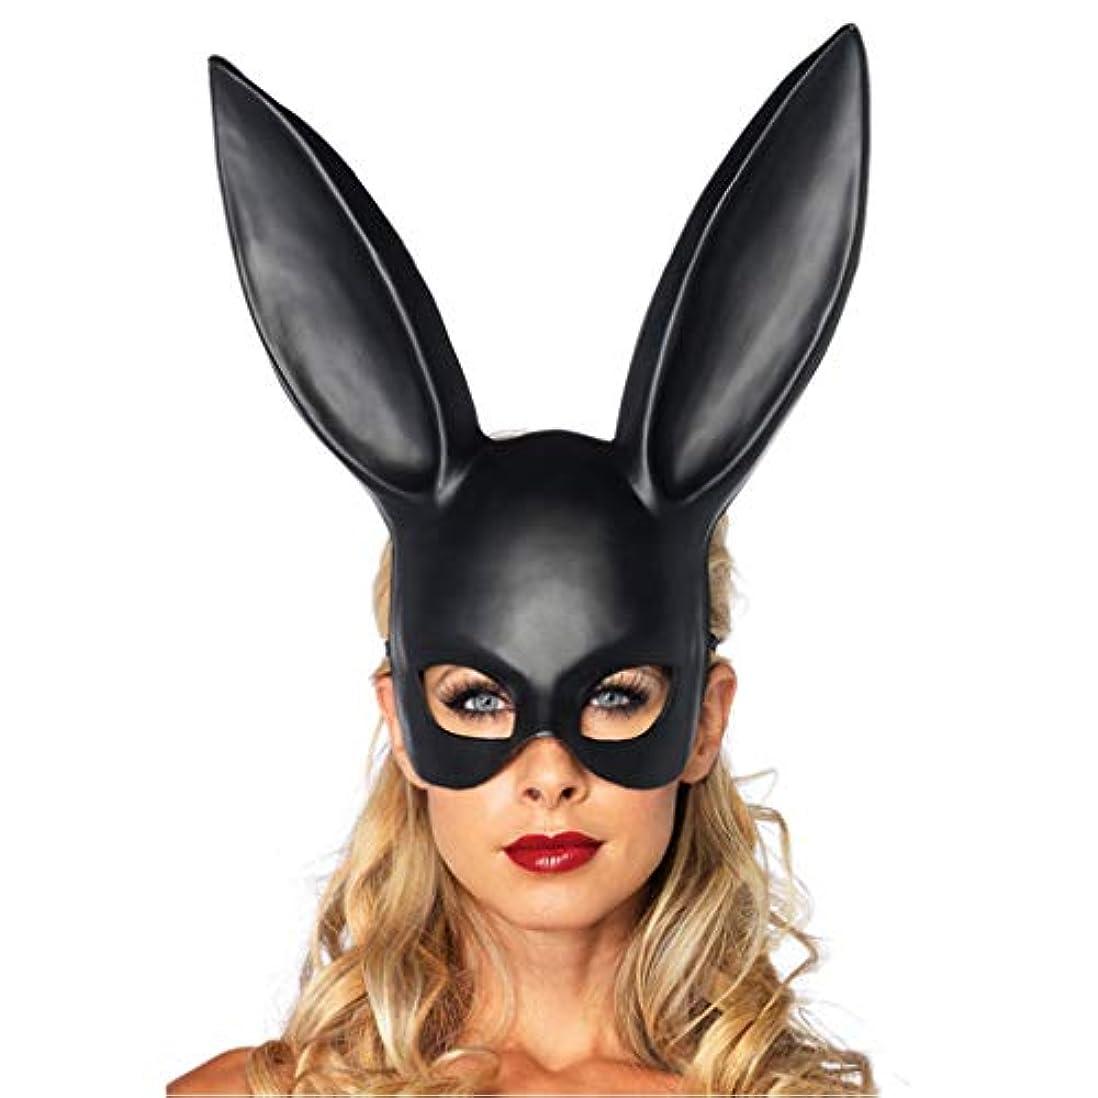 ホース重要性飾り羽ハロウィーン仮装イヤーマスクバーKTVパーティーマスクかわいいウサギのマスク (Color : C)